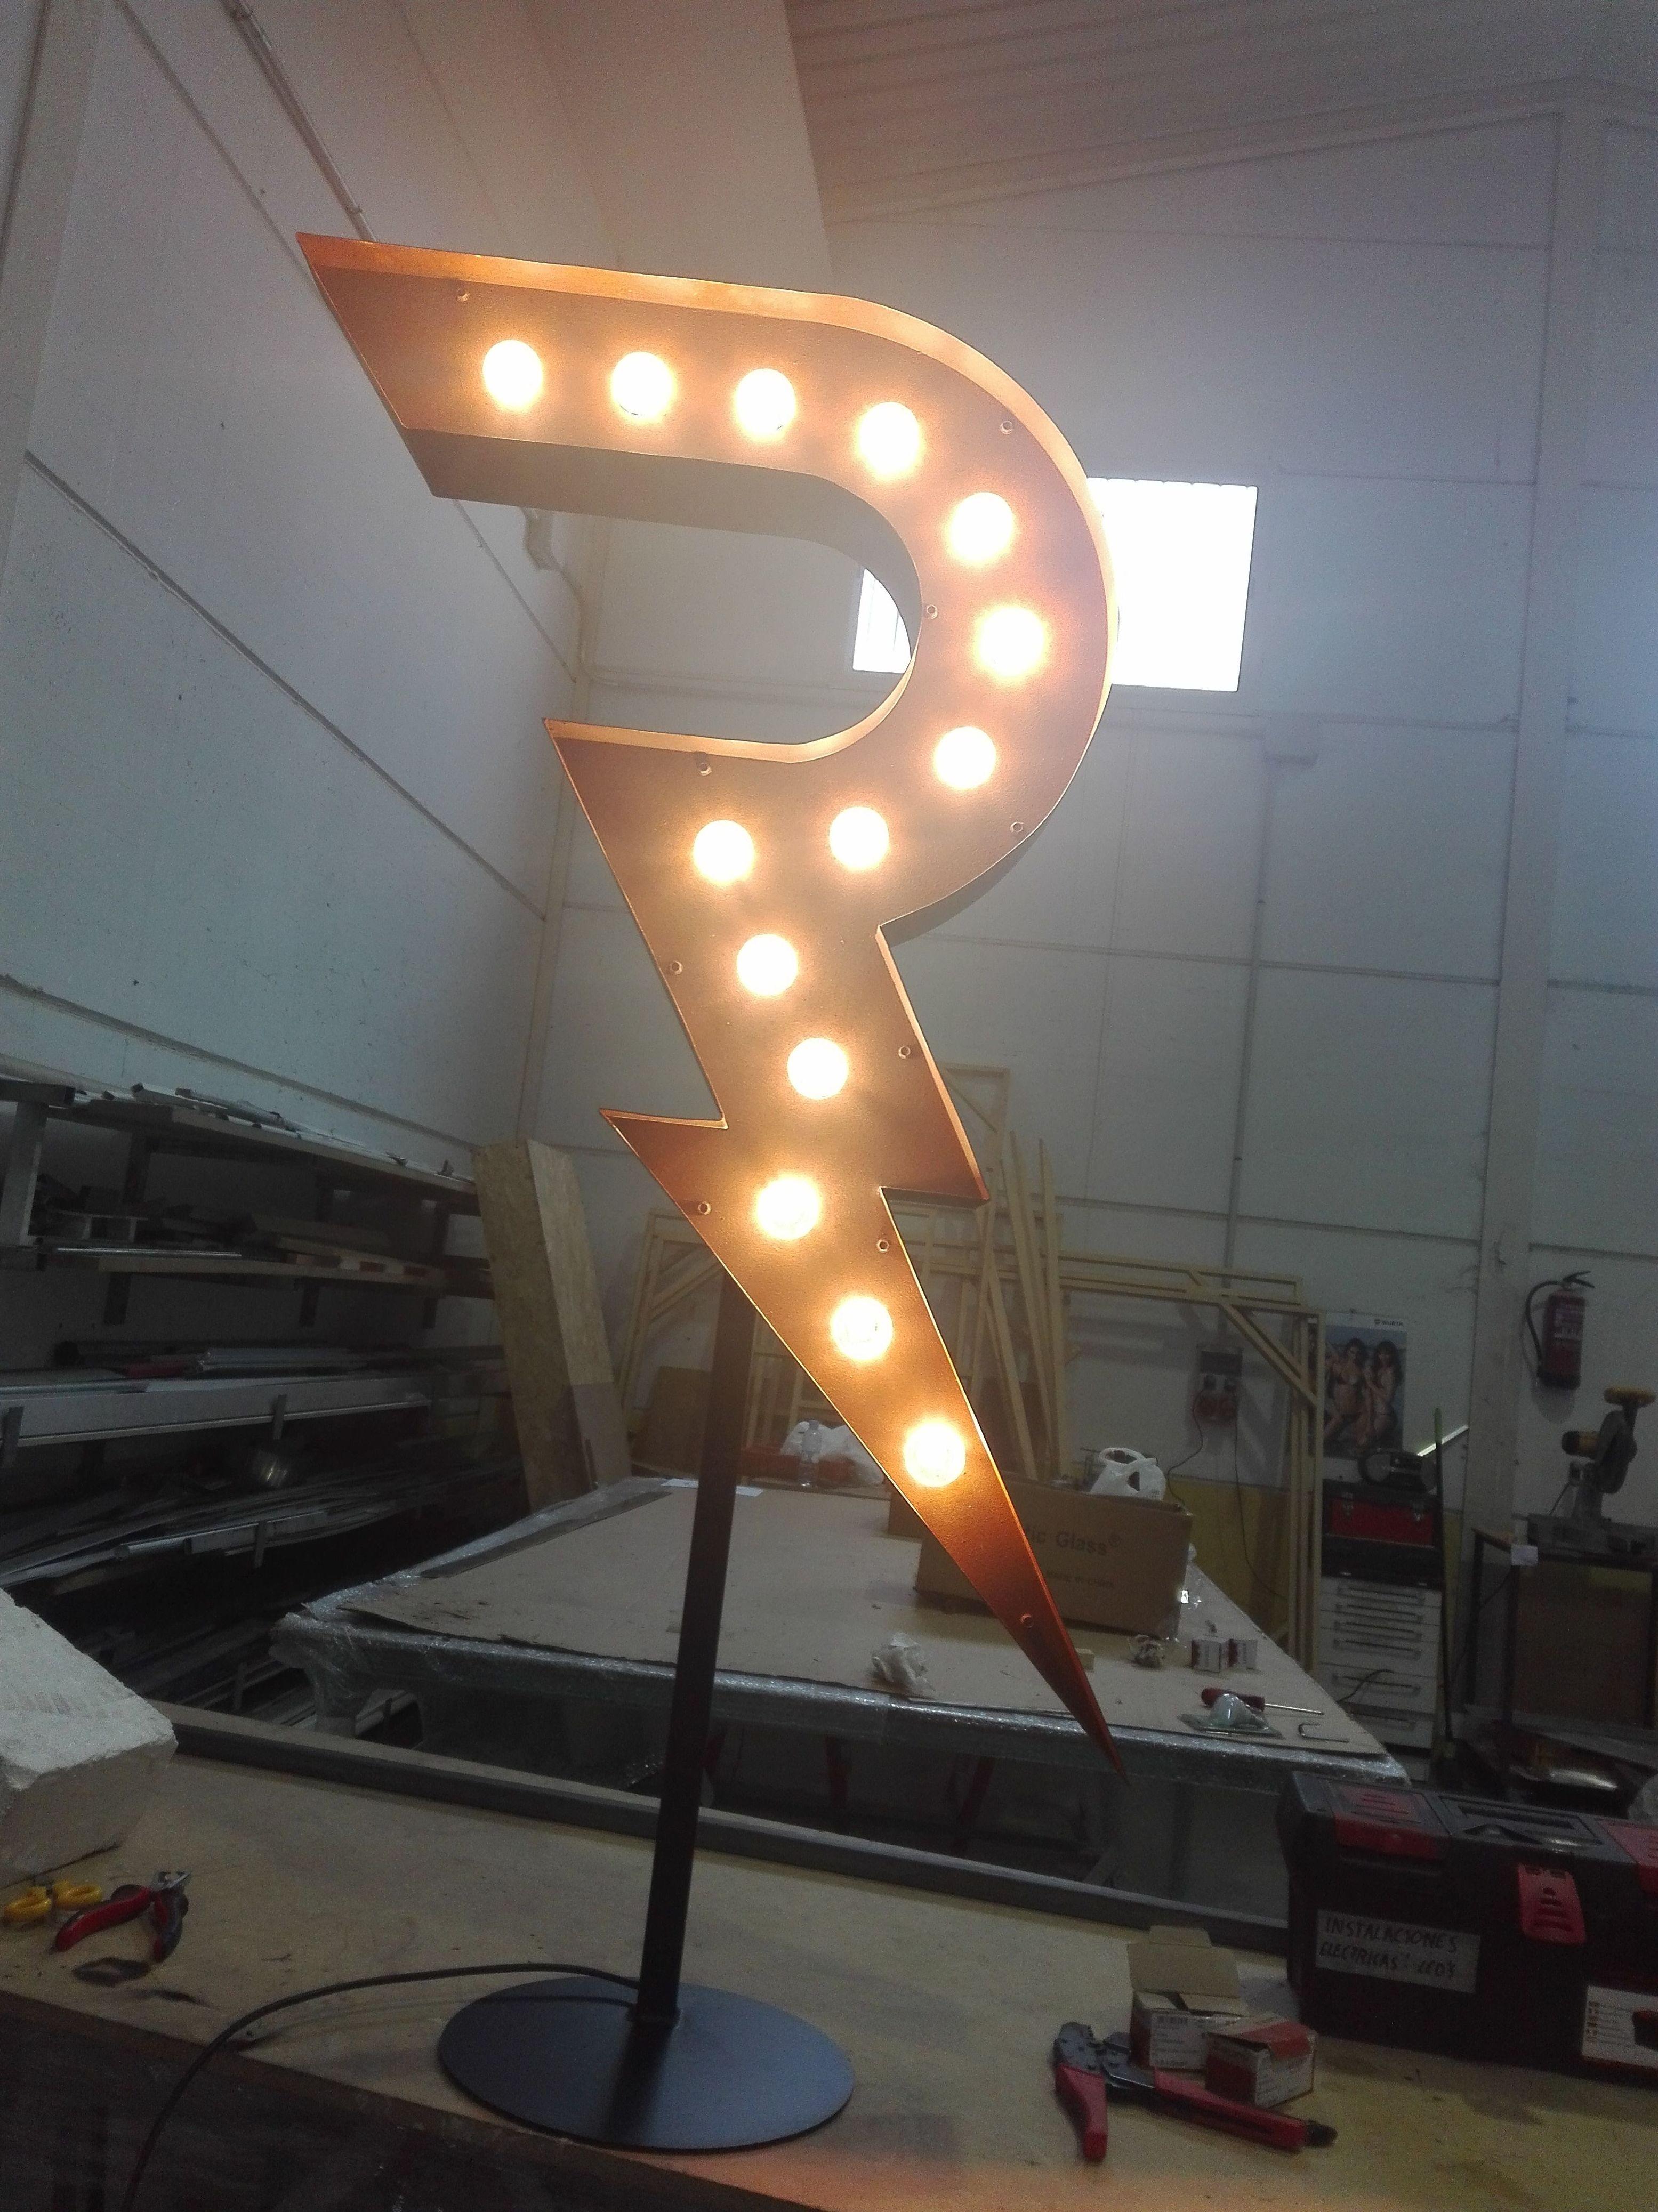 Fabricación de letra corpórea de aluminio con efecto vintage e iluminación de bombillas led.